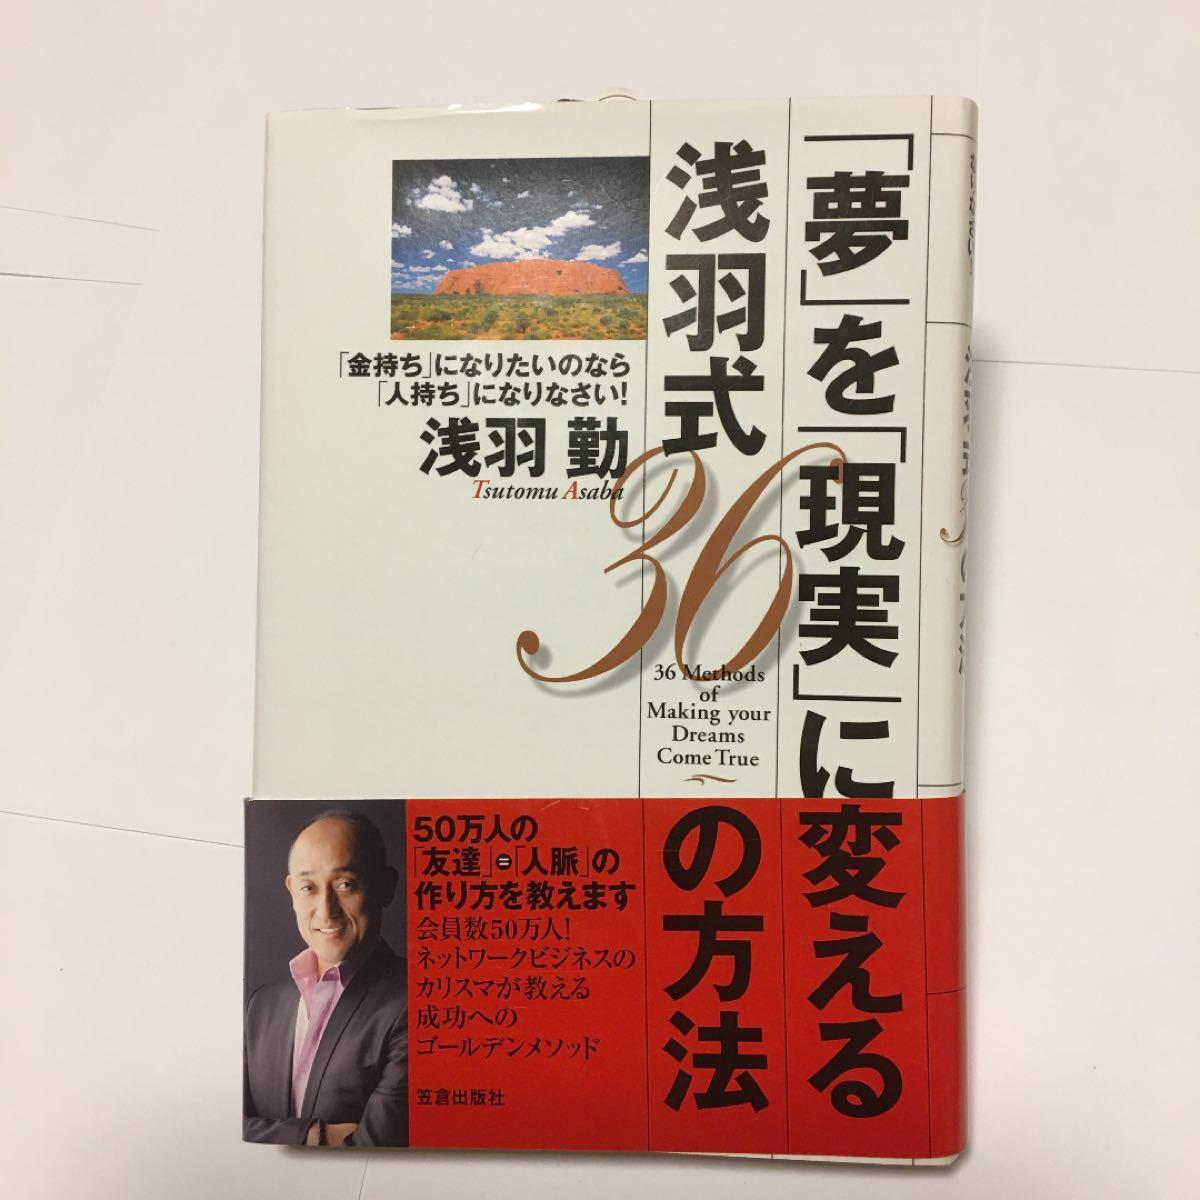 「夢」 を 「現実」 に変える浅羽式36の方法/浅羽勤 【著】